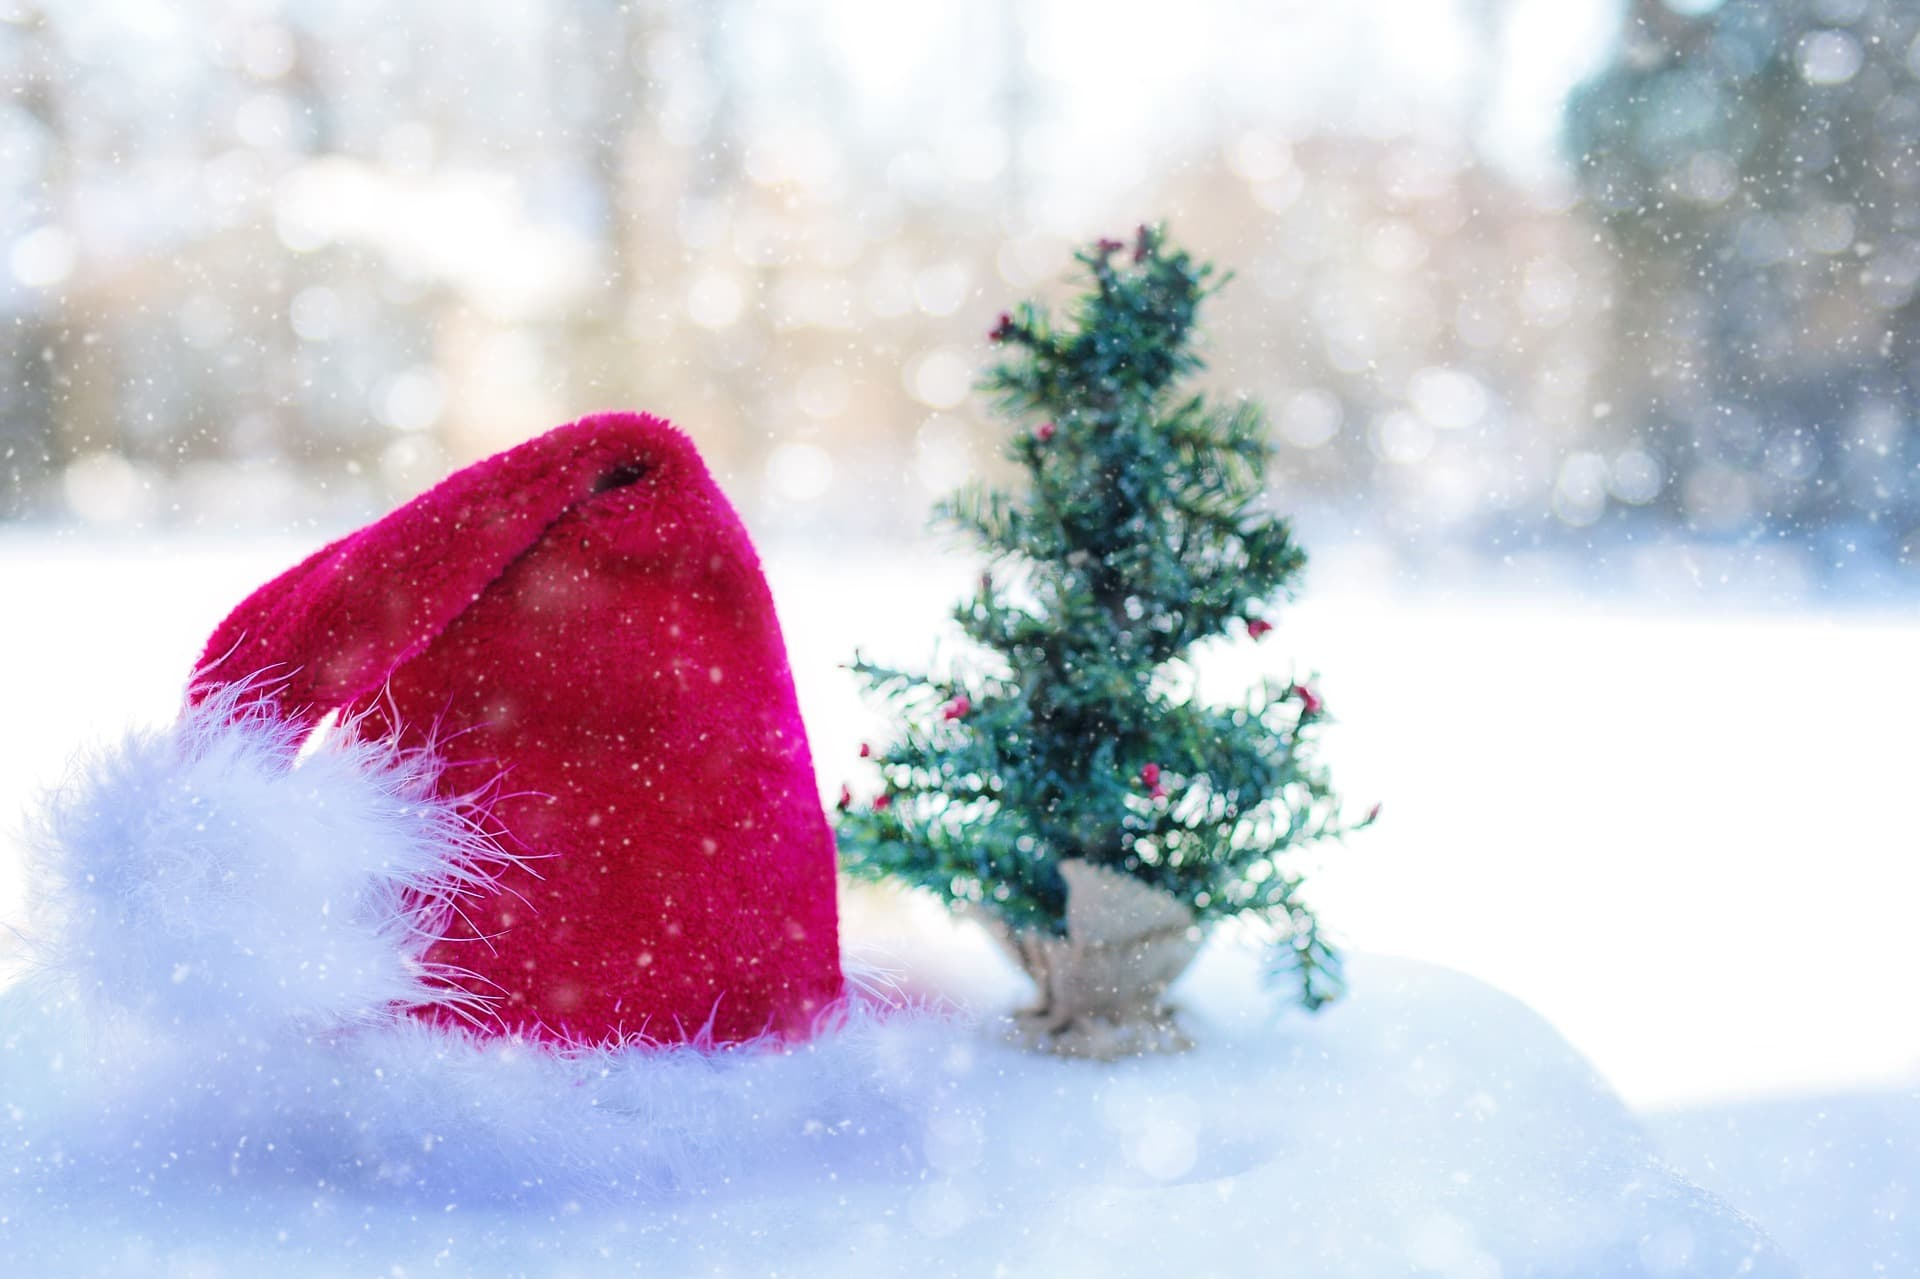 クリスマスイブとセフレの思い出。サンタコスで3P提案など聖夜を利用しよう